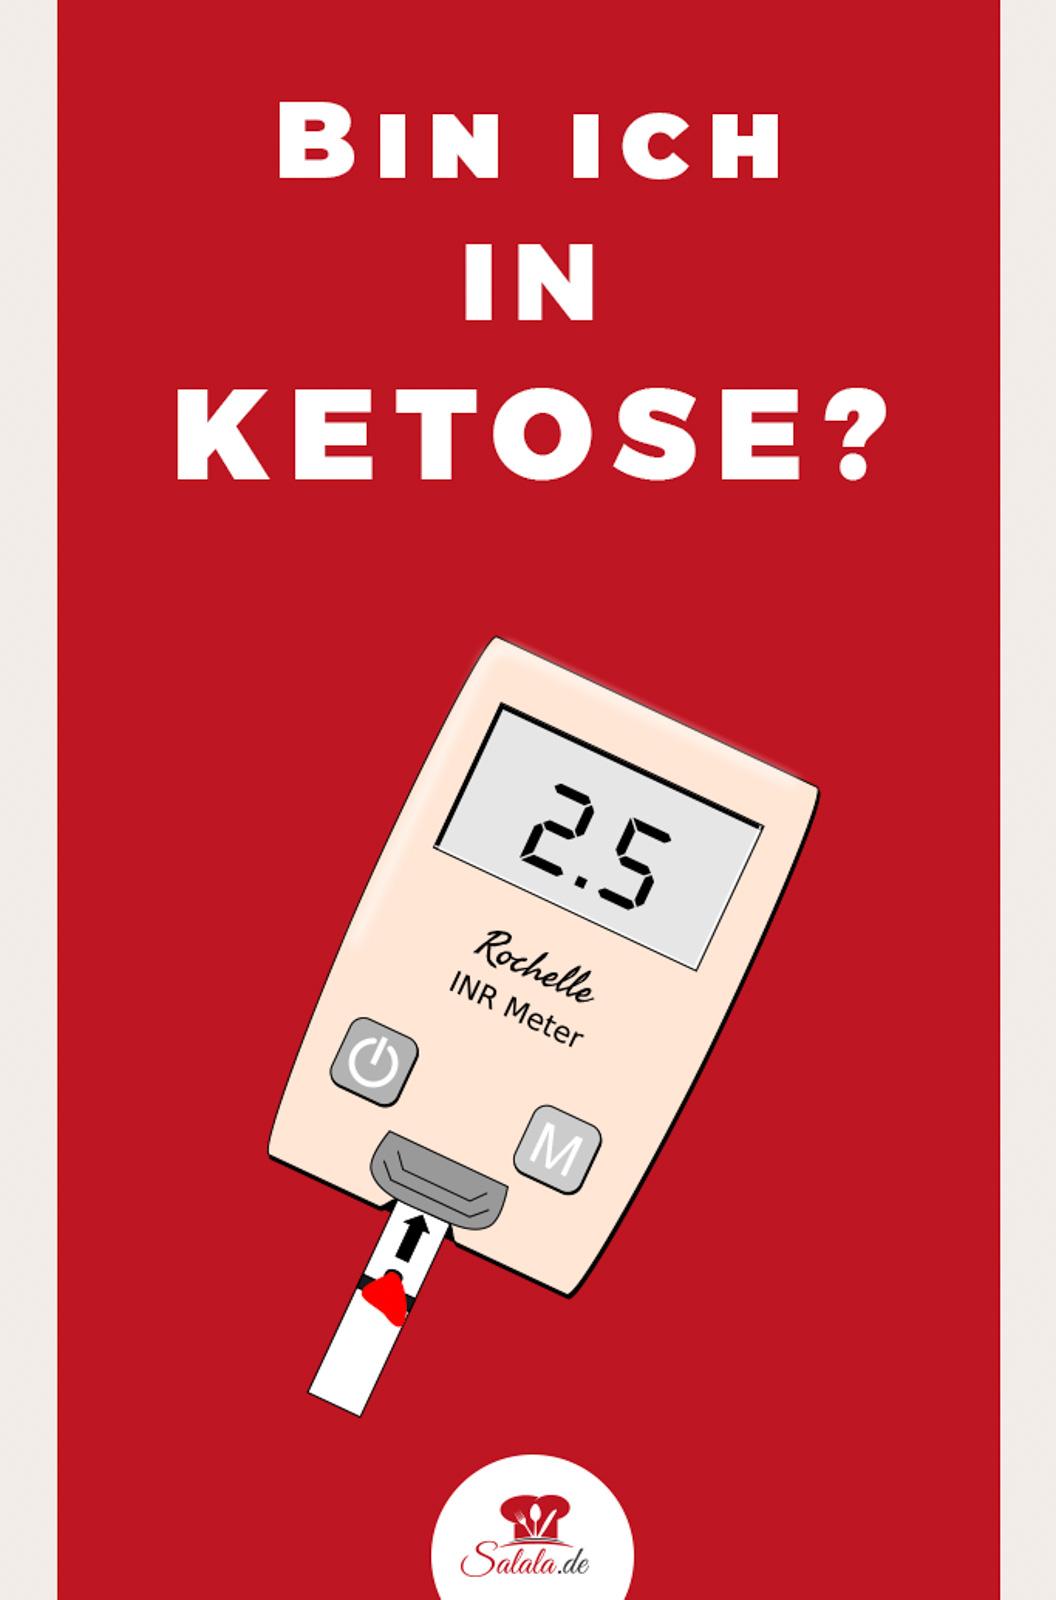 Hast du schon mal von Ketonix oder Ketostix gehört? Genau das brauchst du wenn du dich fragst: Bin ich in Ketose? Oder brauchst du nur ein Blutzuckermessgerät um Ketone zu messen? Damit beschäftigen wir uns in diesem Artikel. Messmethoden und anders damit du weißt, ob du in Ketose bist. #keto #ketose #ketonix #ketosemessung #glukometer #blutzuckermessgeraet #ketostix #ketogeneernaehrung